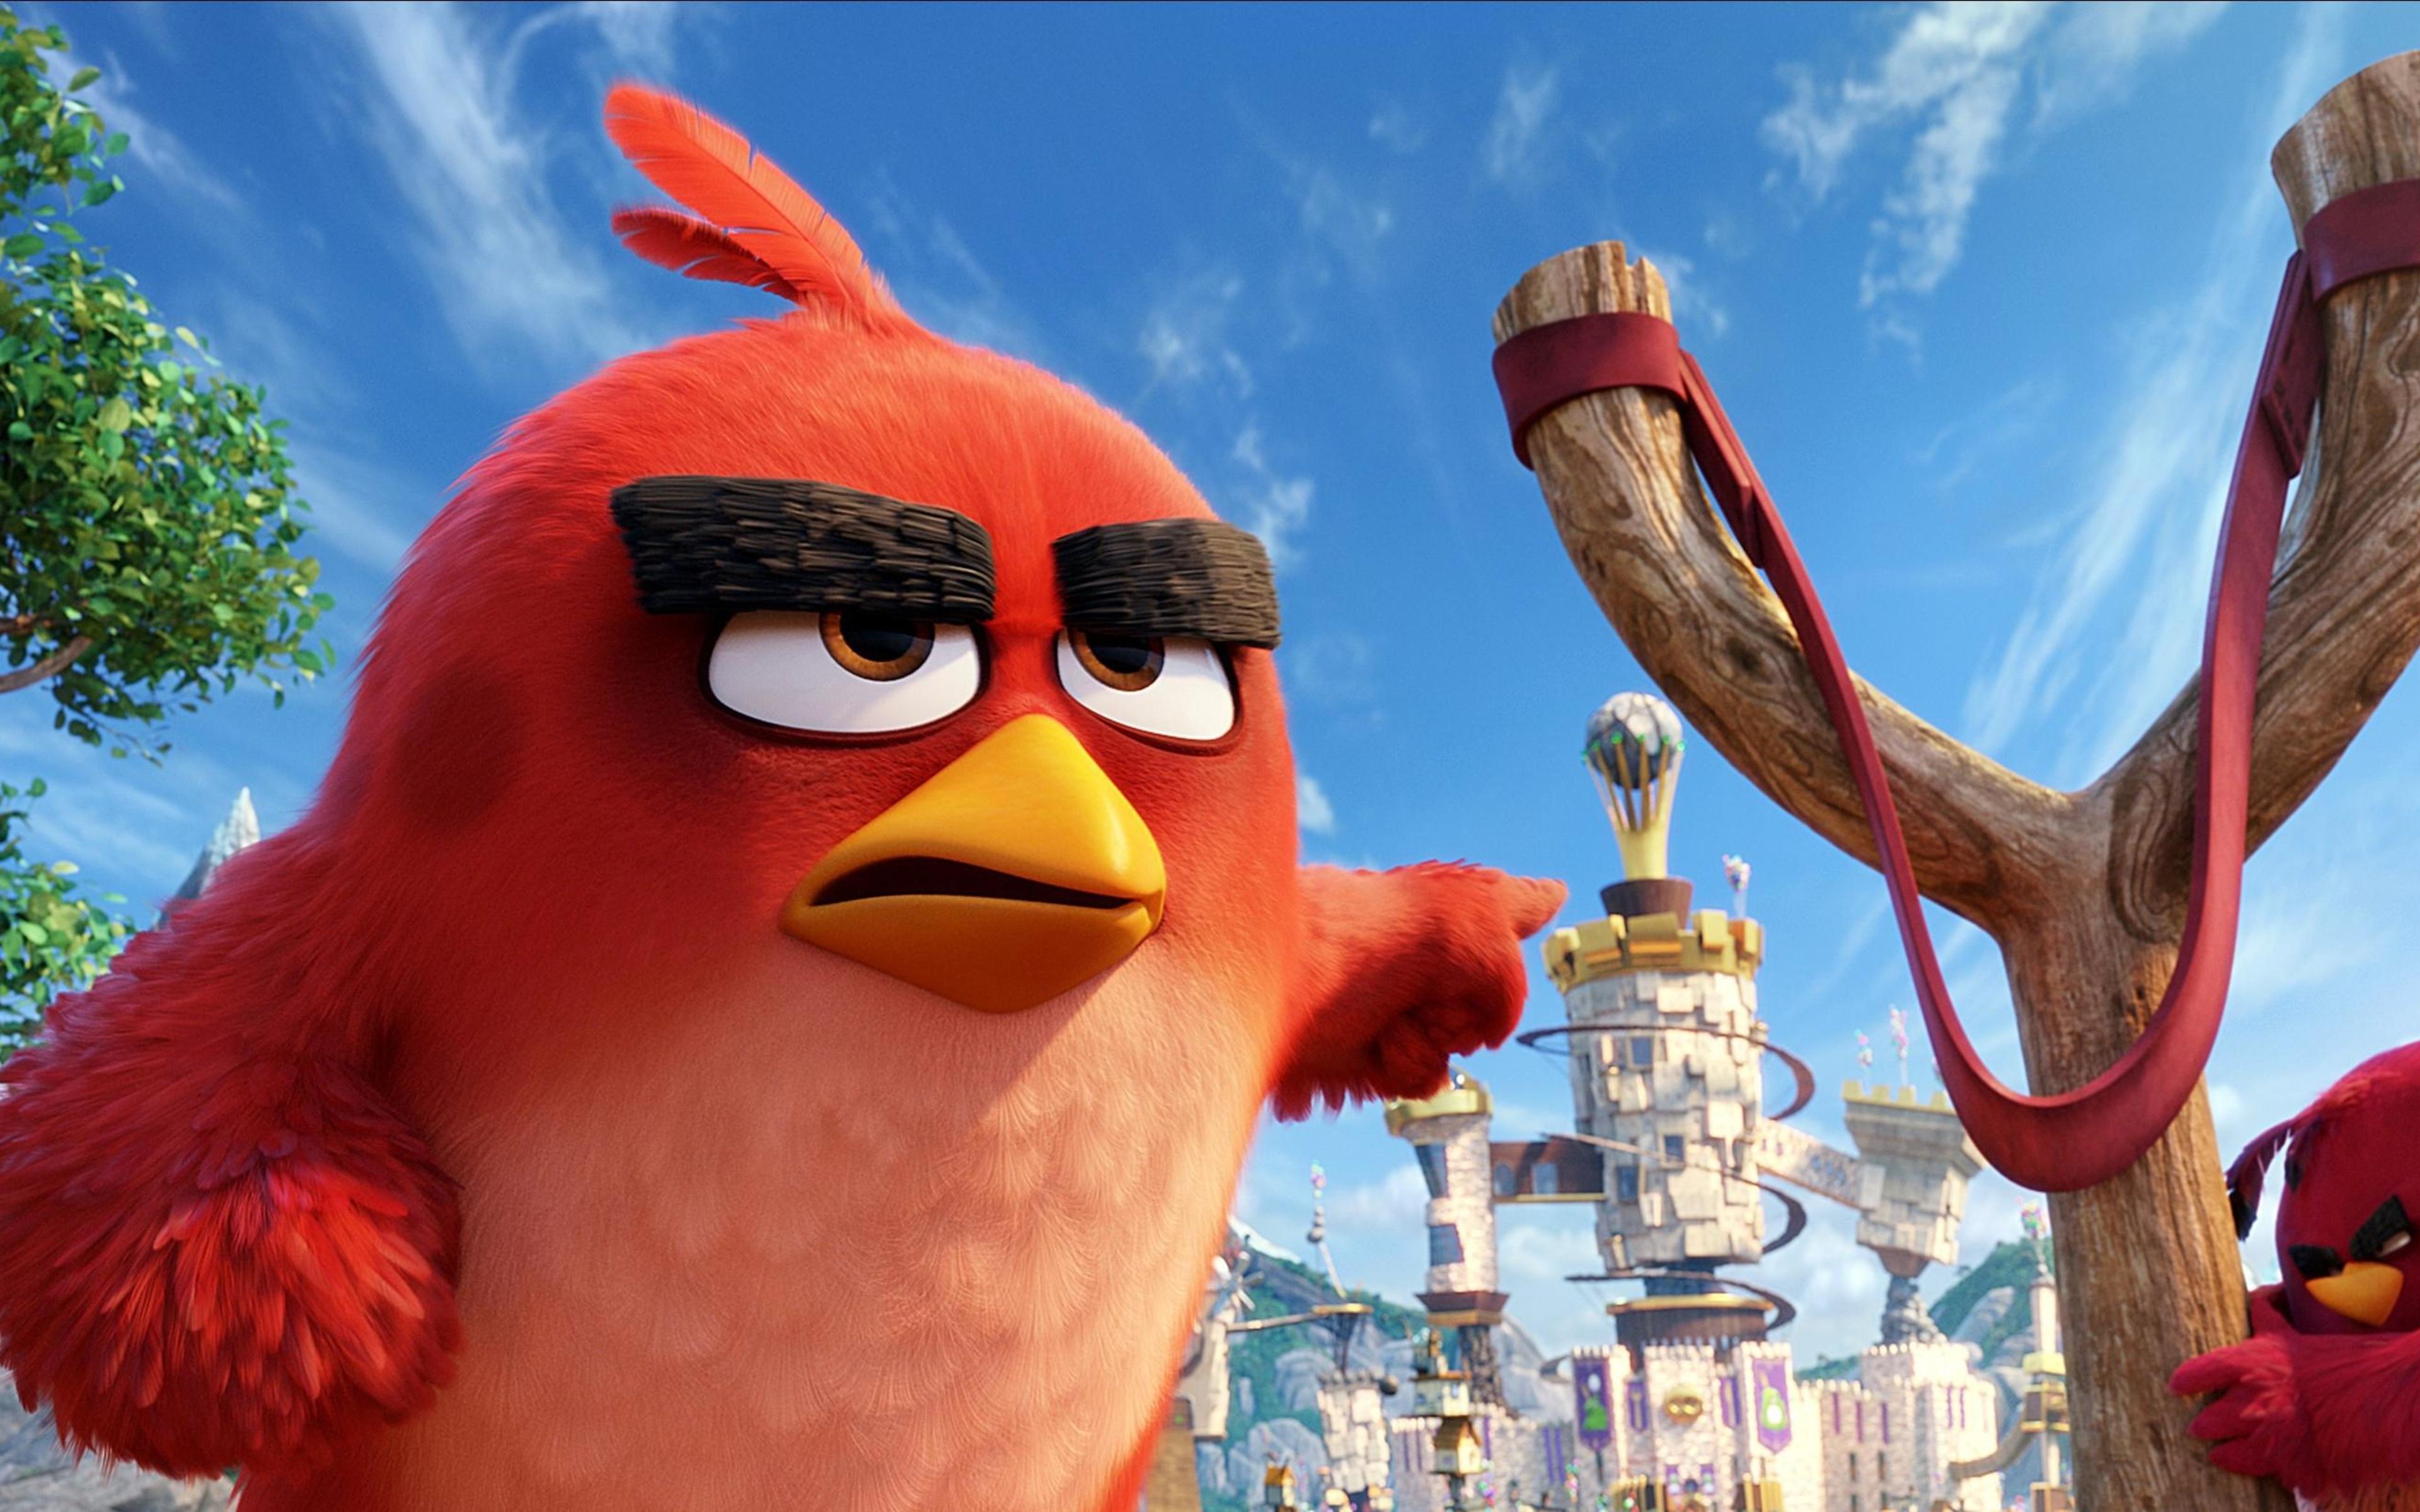 Fondos de pantalla Angry Birds película